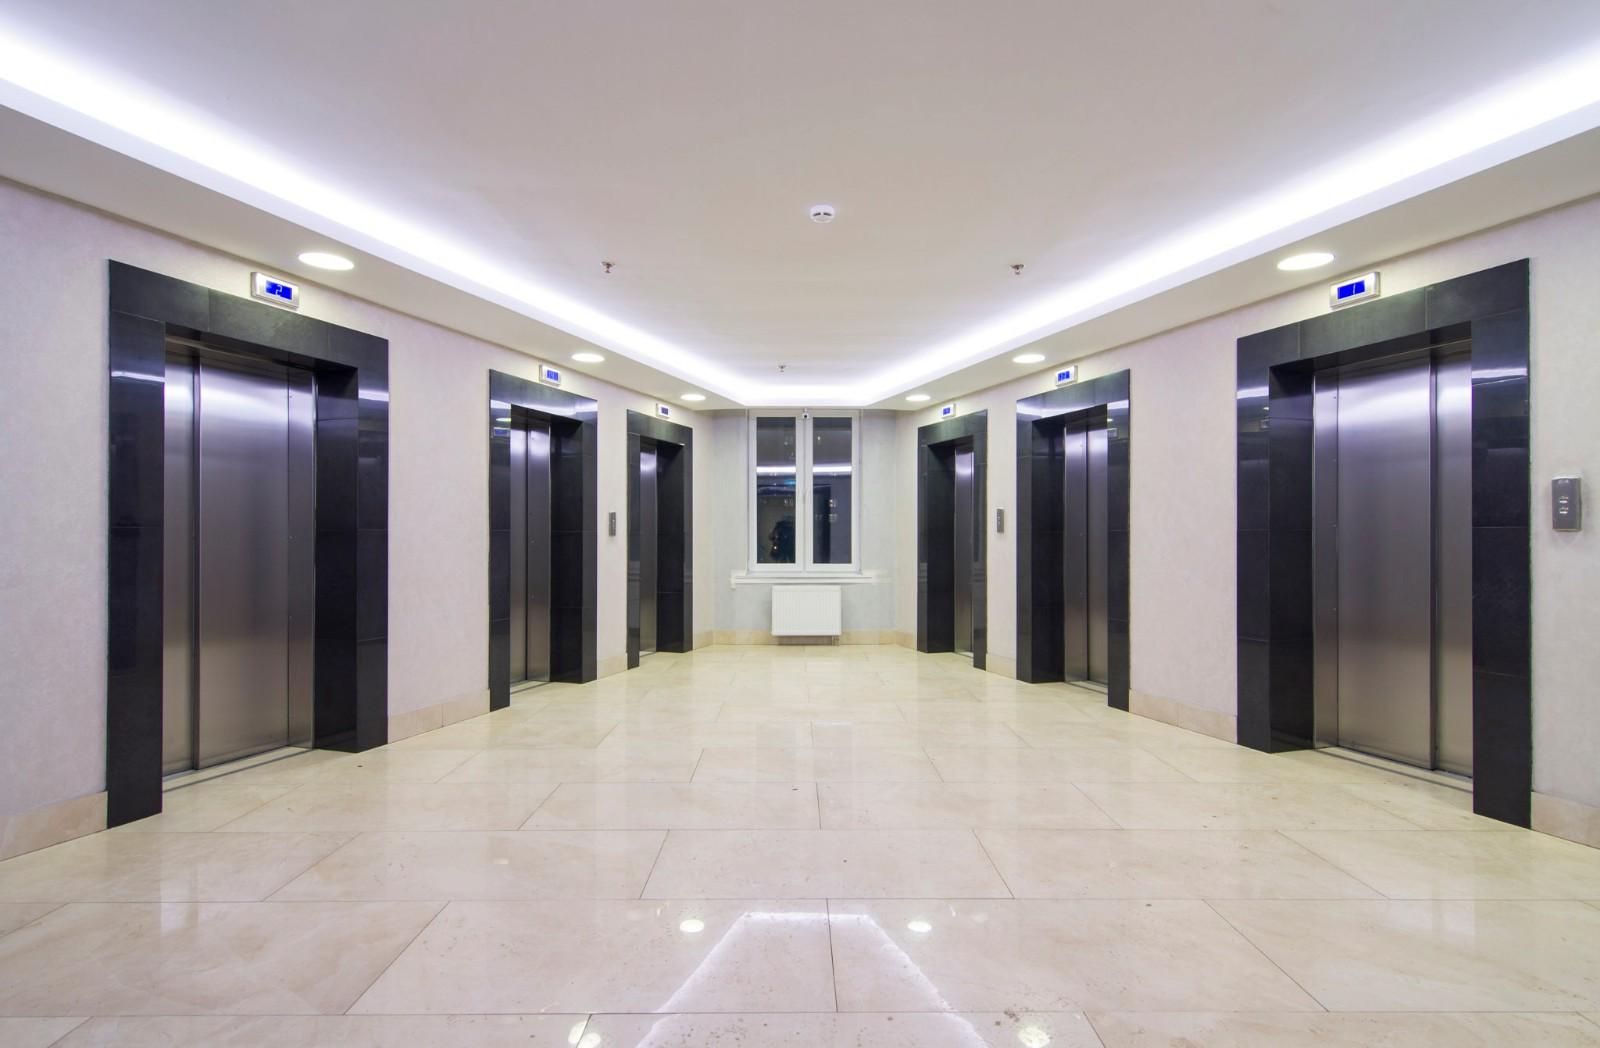 mg游戏强势进军电梯市场